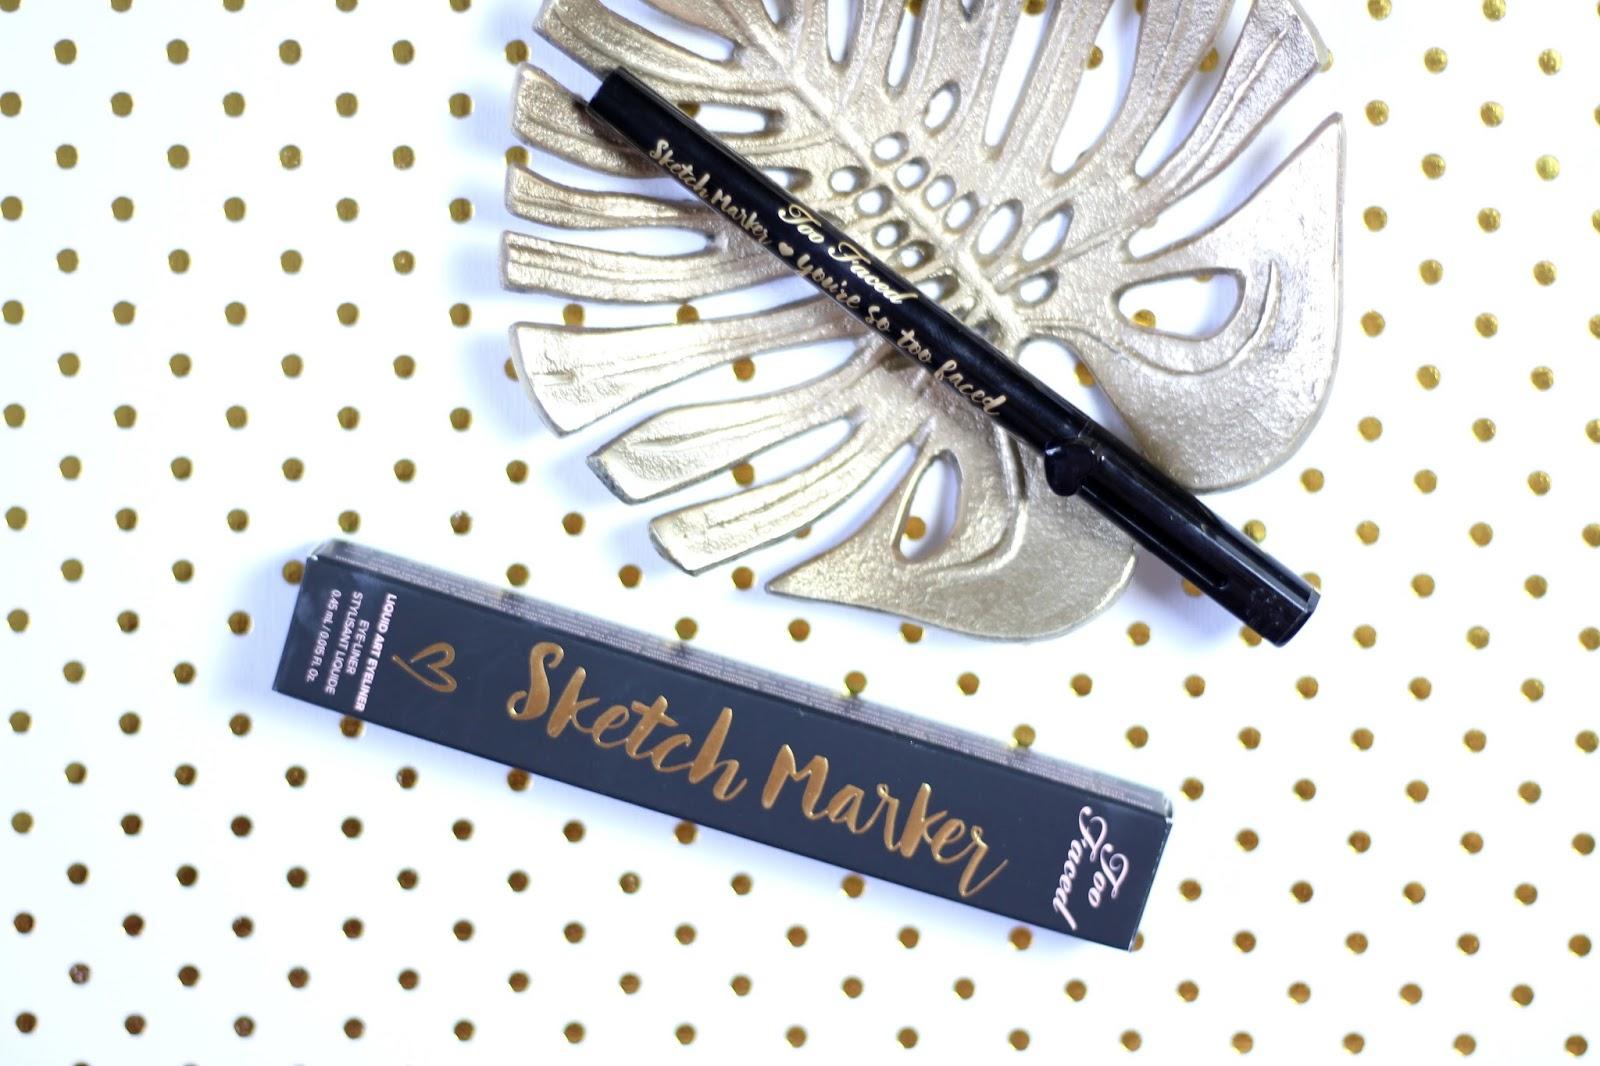 Too Faced Sketch Marker black